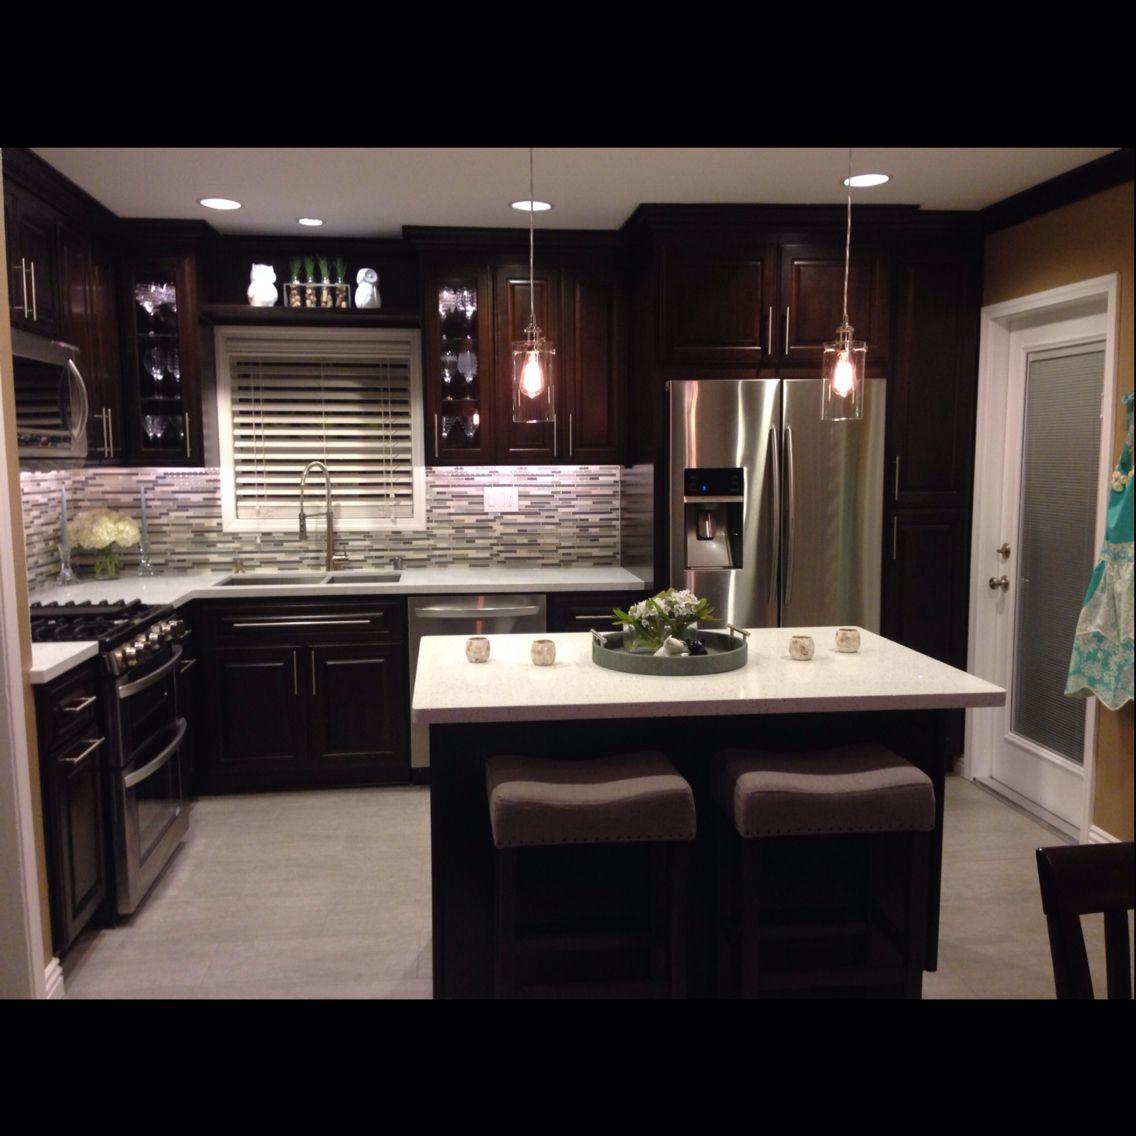 KitchenDark espresso cabinetsIced white quartz counter